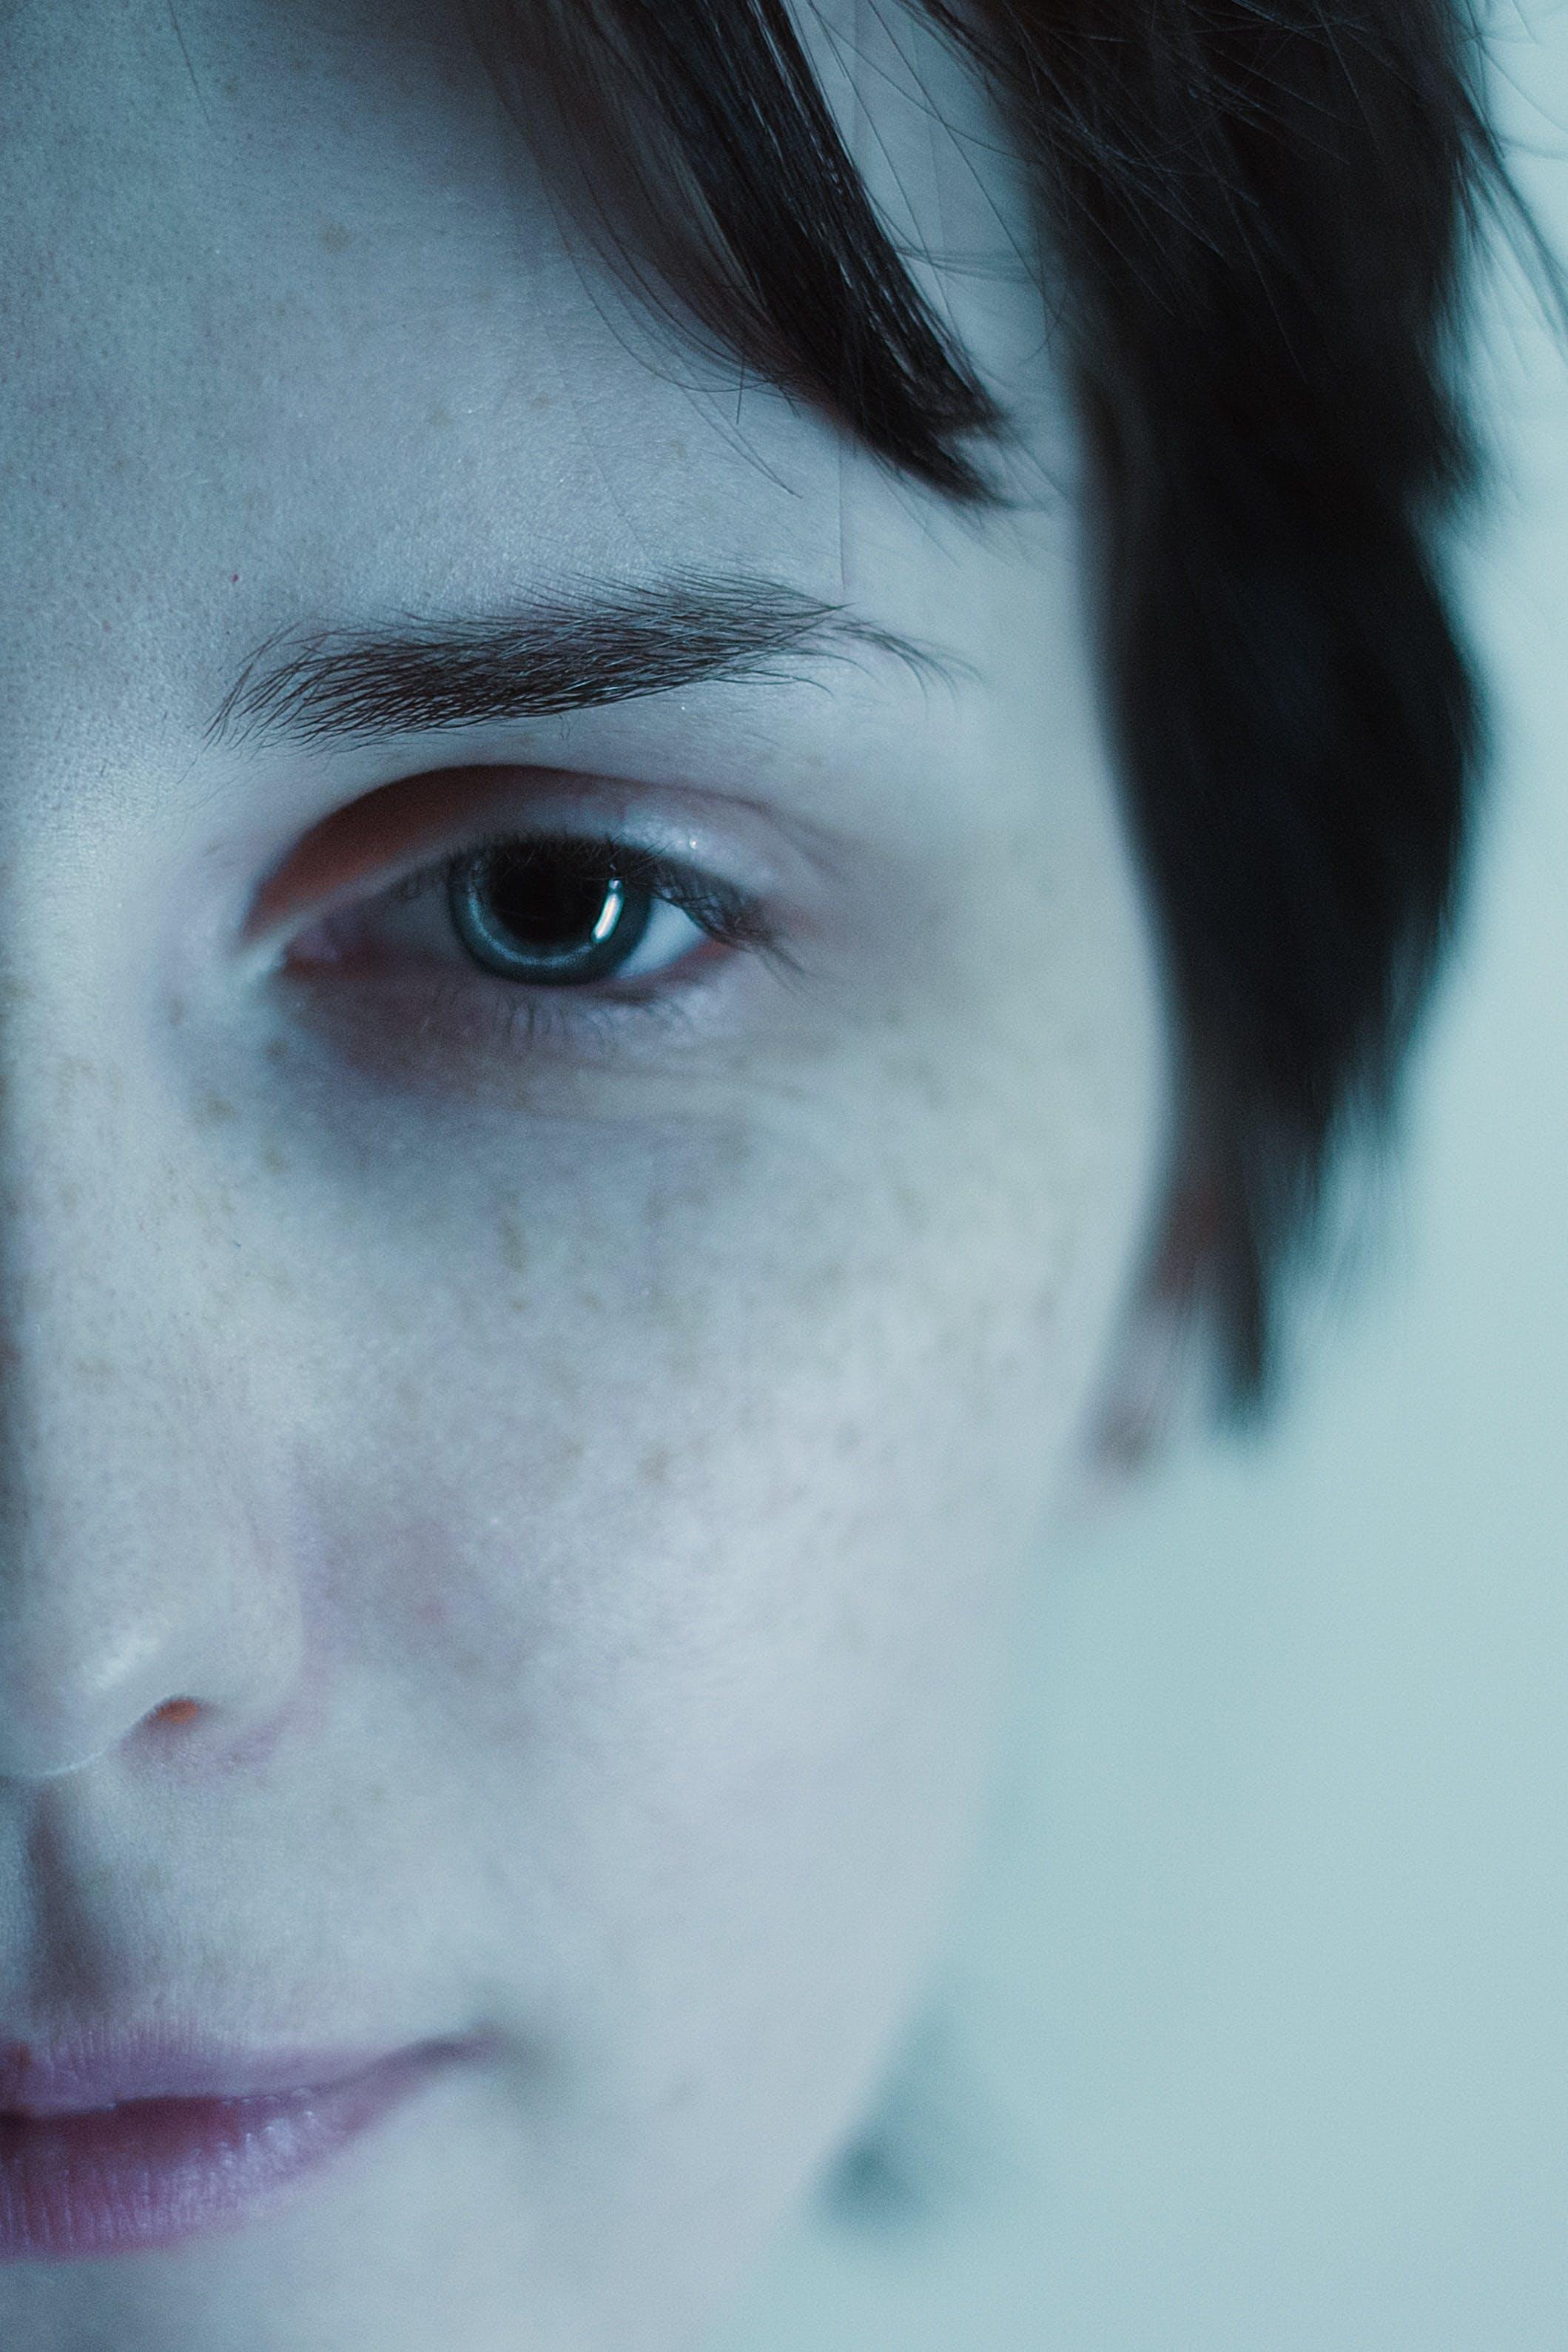 Closeup Photography of Woman's Face